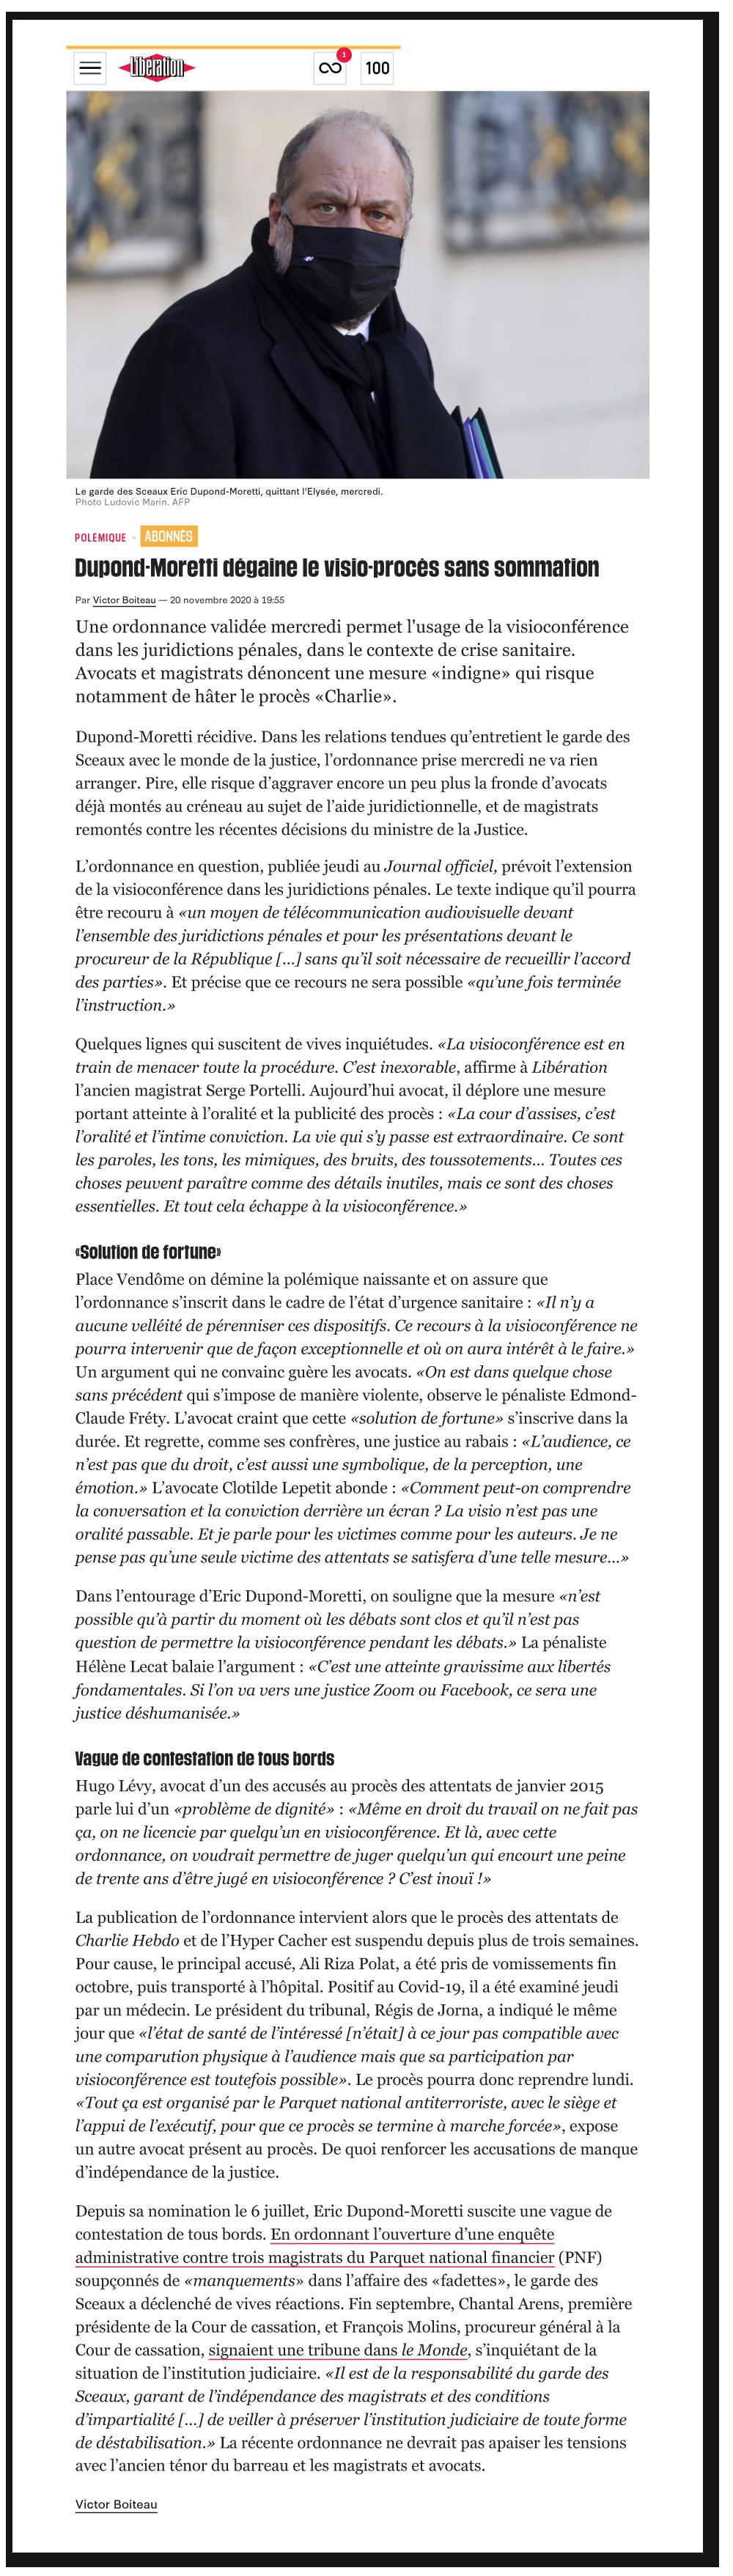 """Article Libération """"Dupond-Moretti dégaine le visio-procès sans sommation"""""""